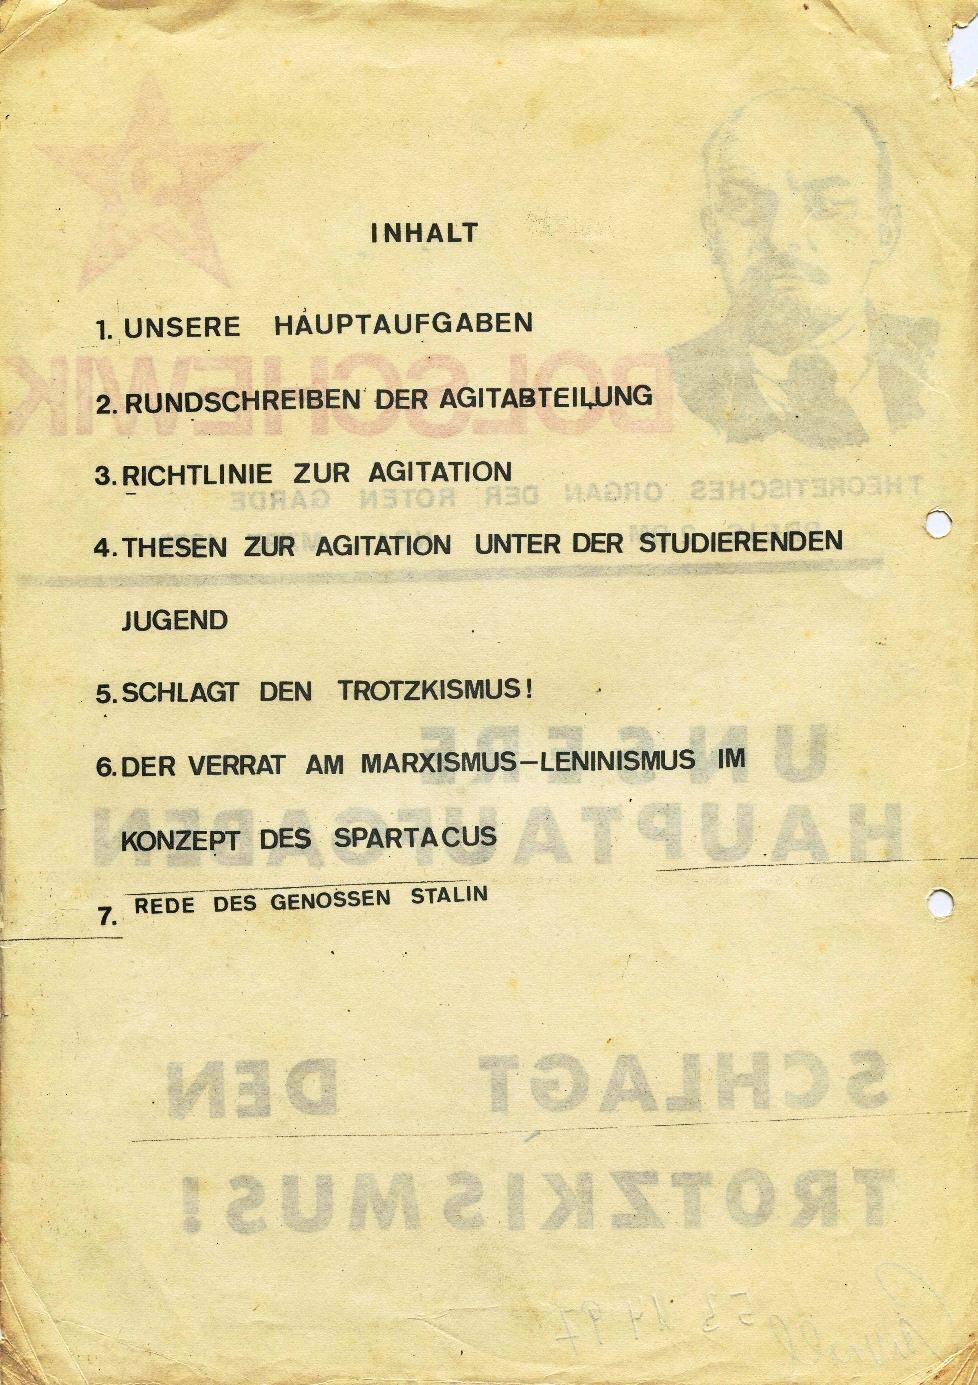 RG_Bolschewik_1970_01_002